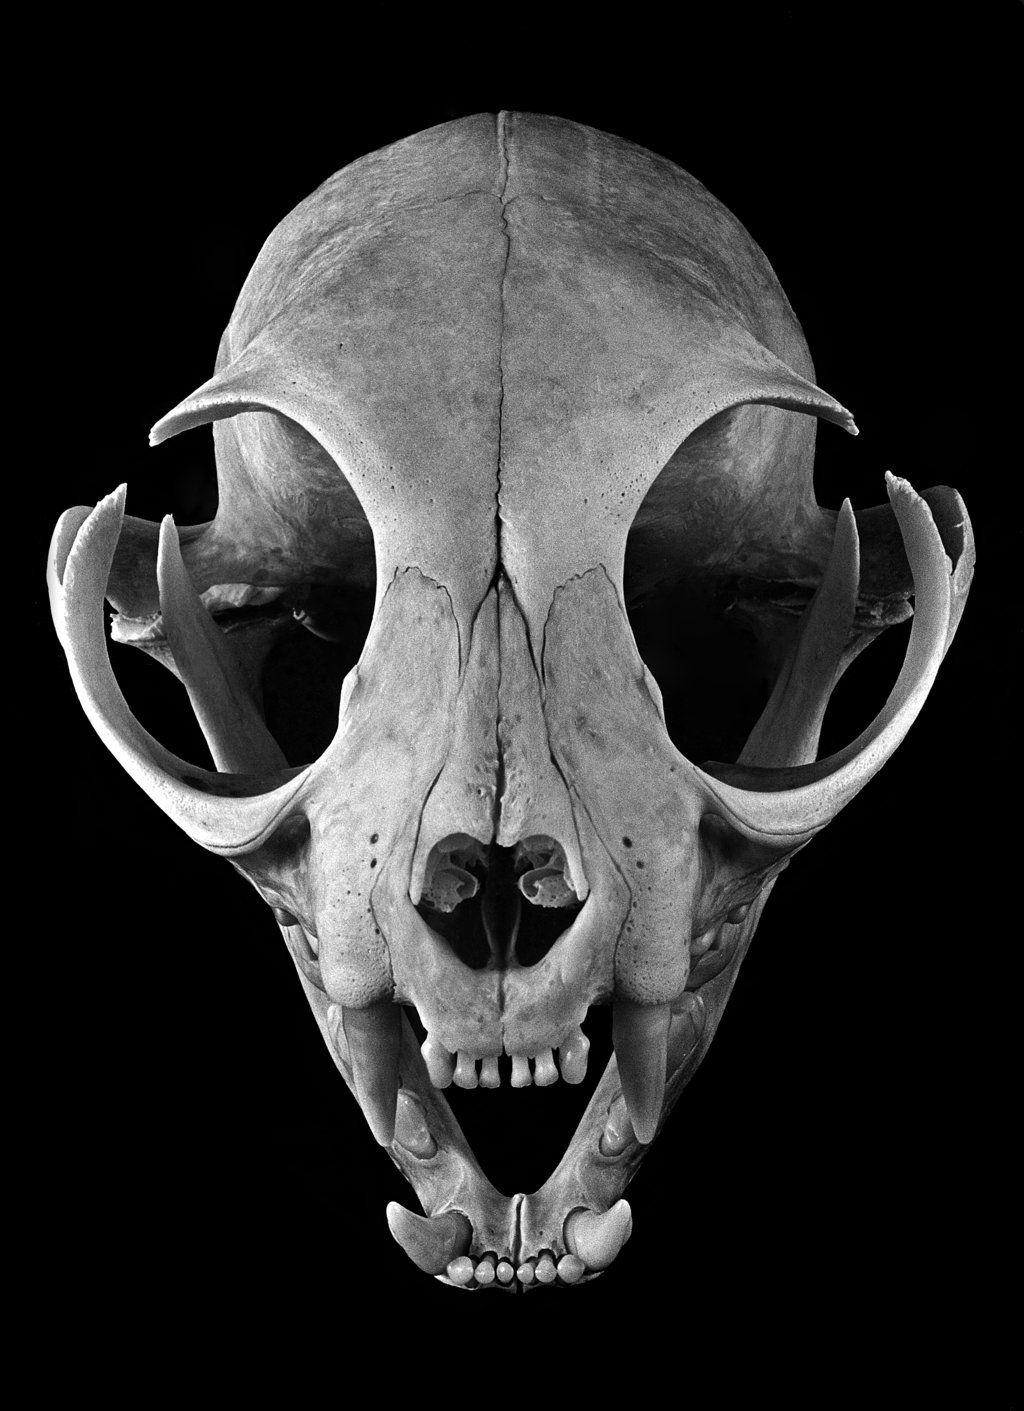 Feline Skull by Lymanjames | Skull | Pinterest | Cat skull, Animal ...